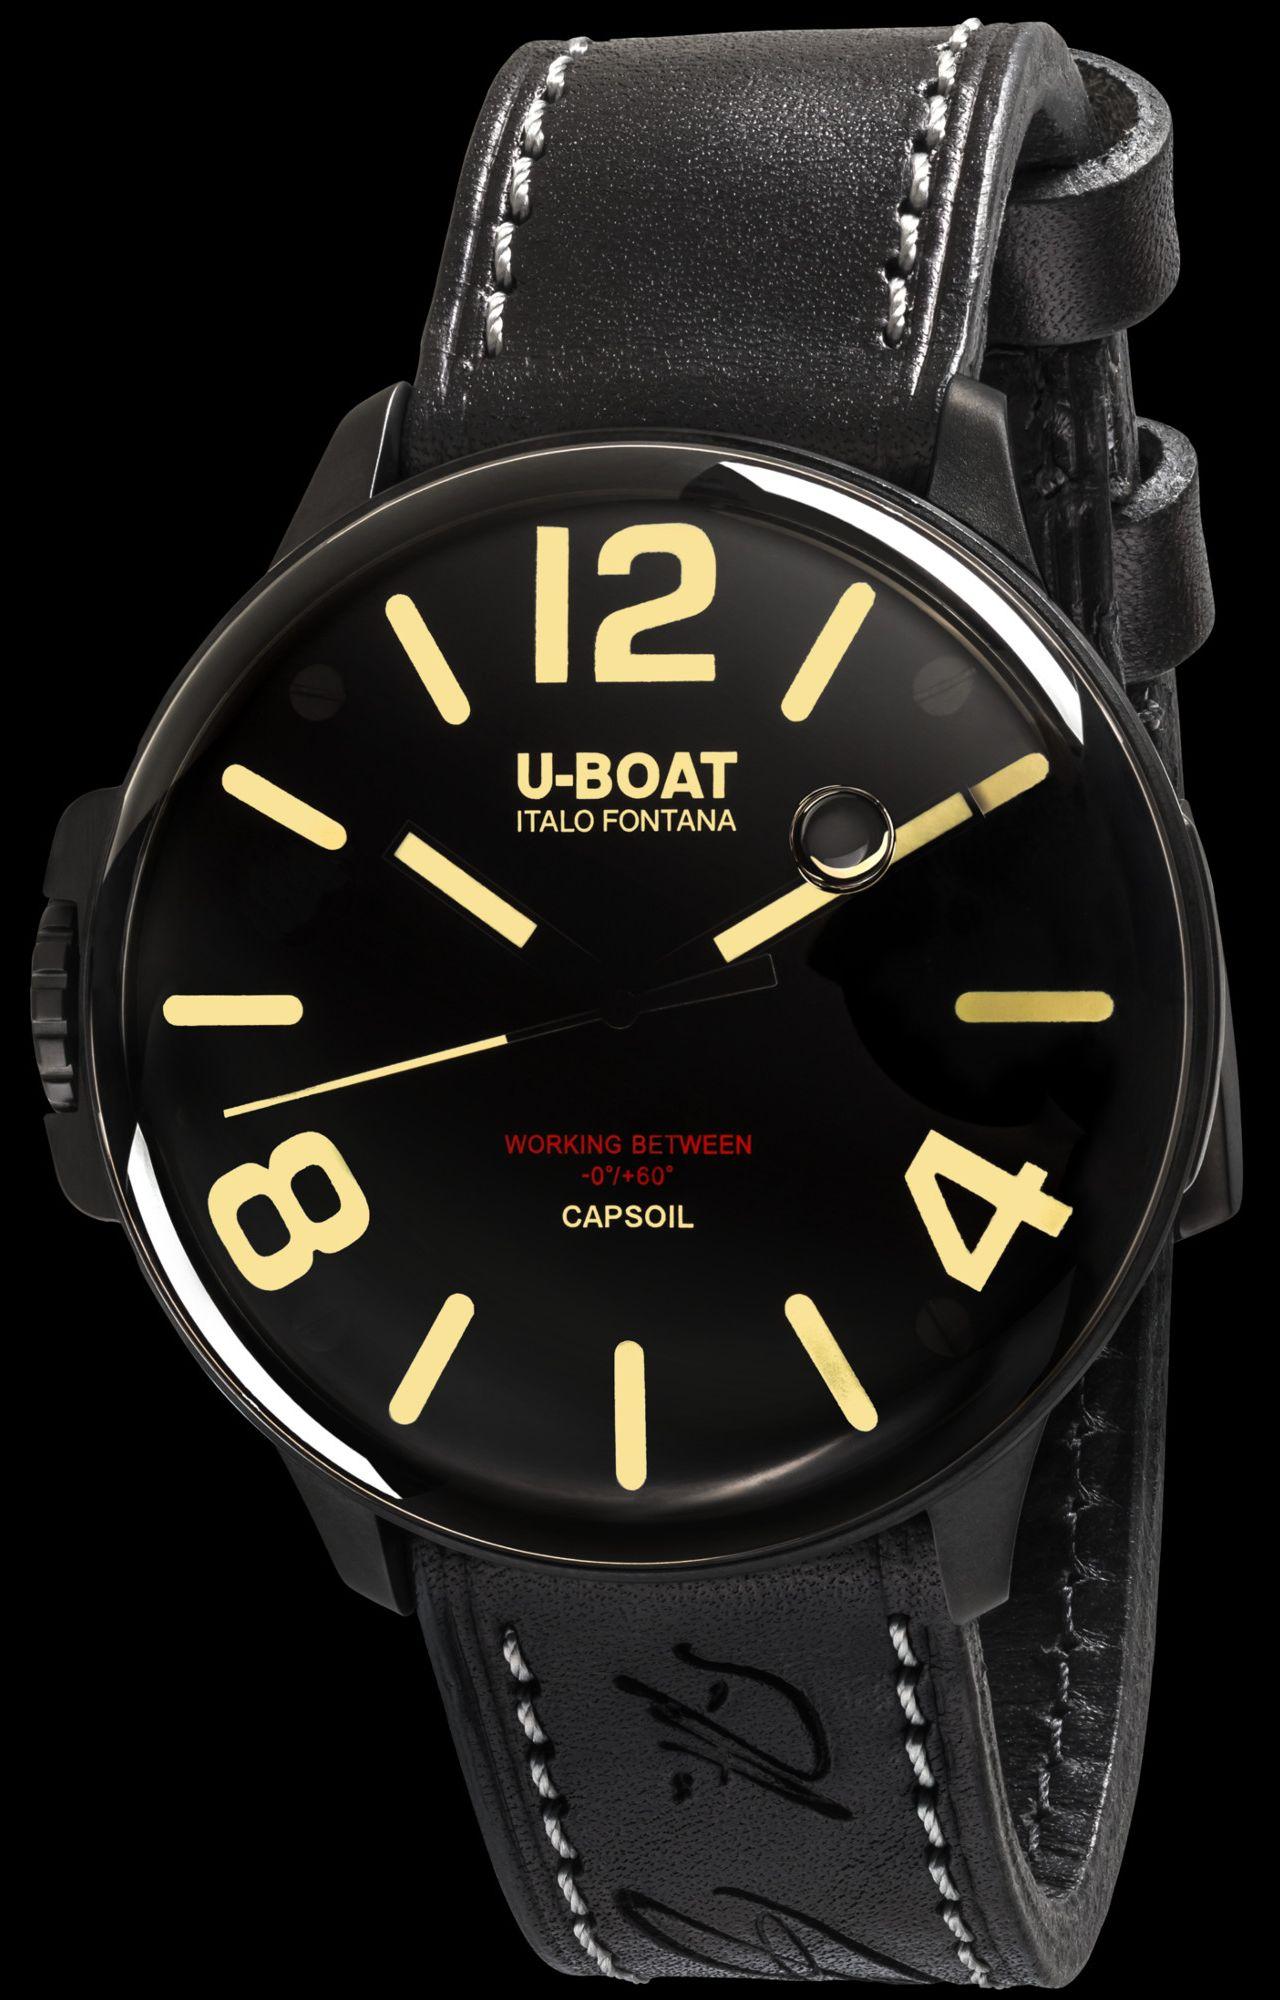 U-Boat Capsoil - a fekete itt DLC